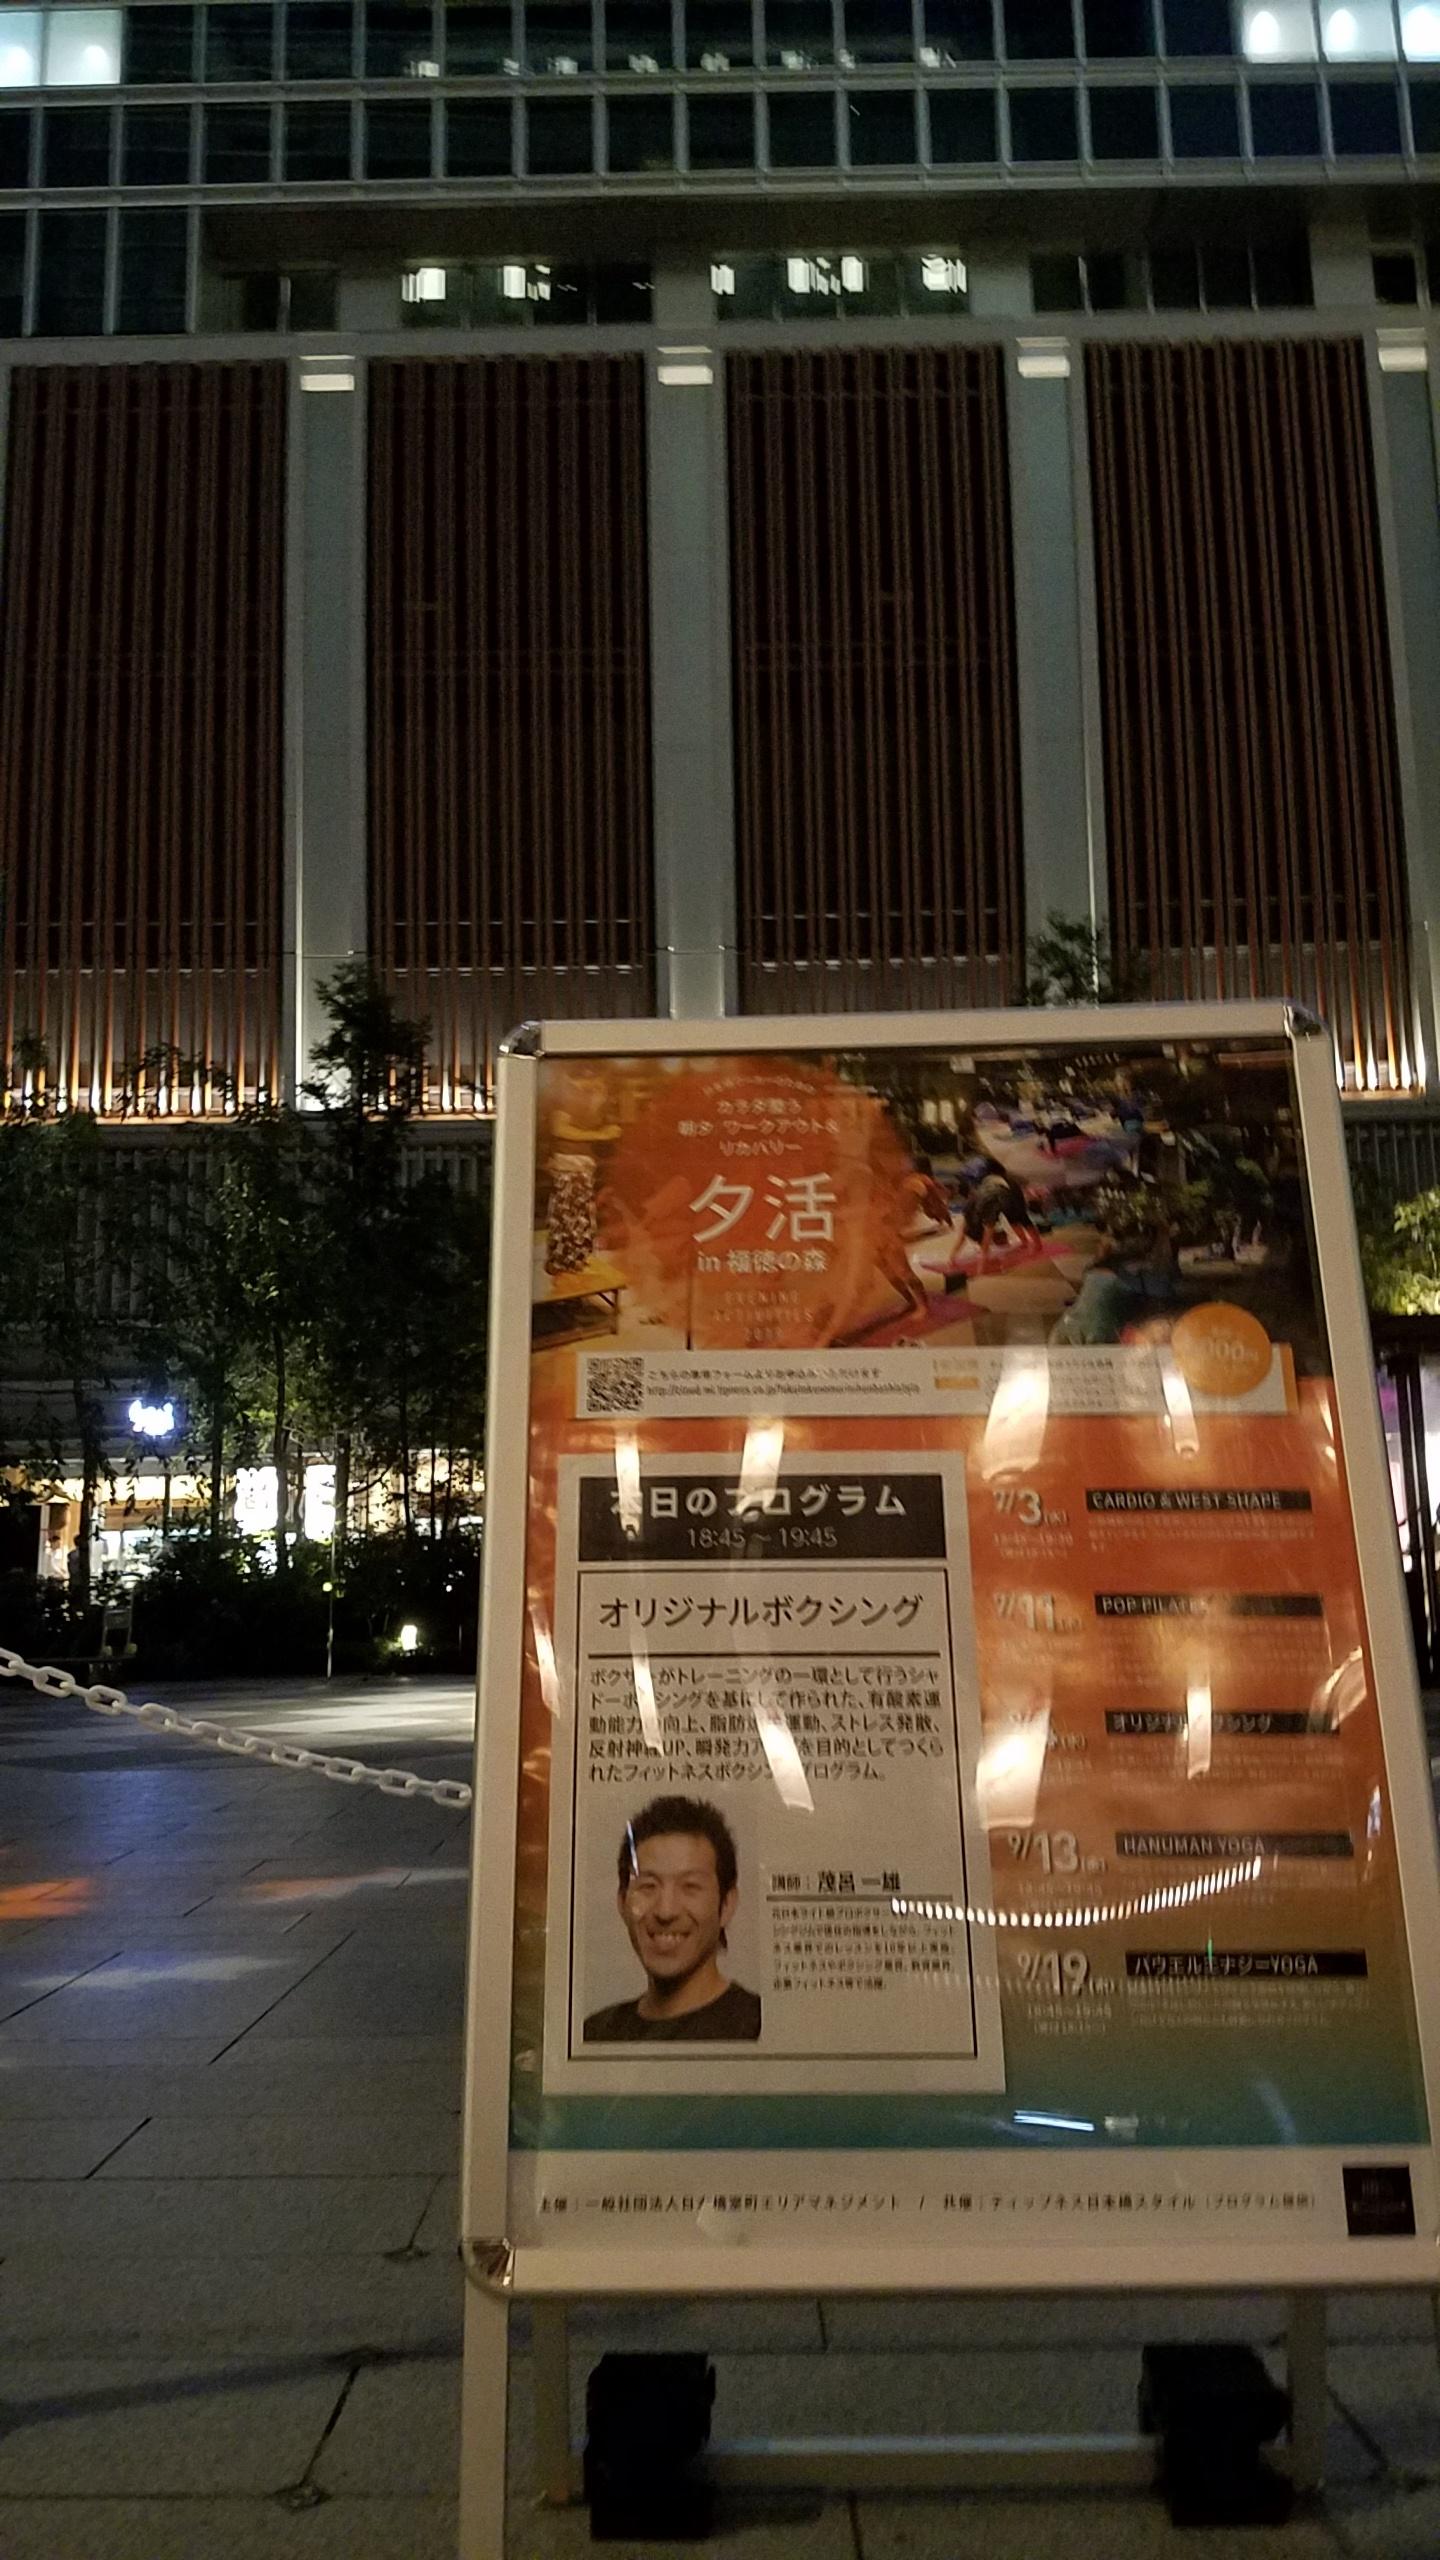 2019 9/4 日本橋(コレド室町横福徳の森野外ナイトバーチャルボクシング®